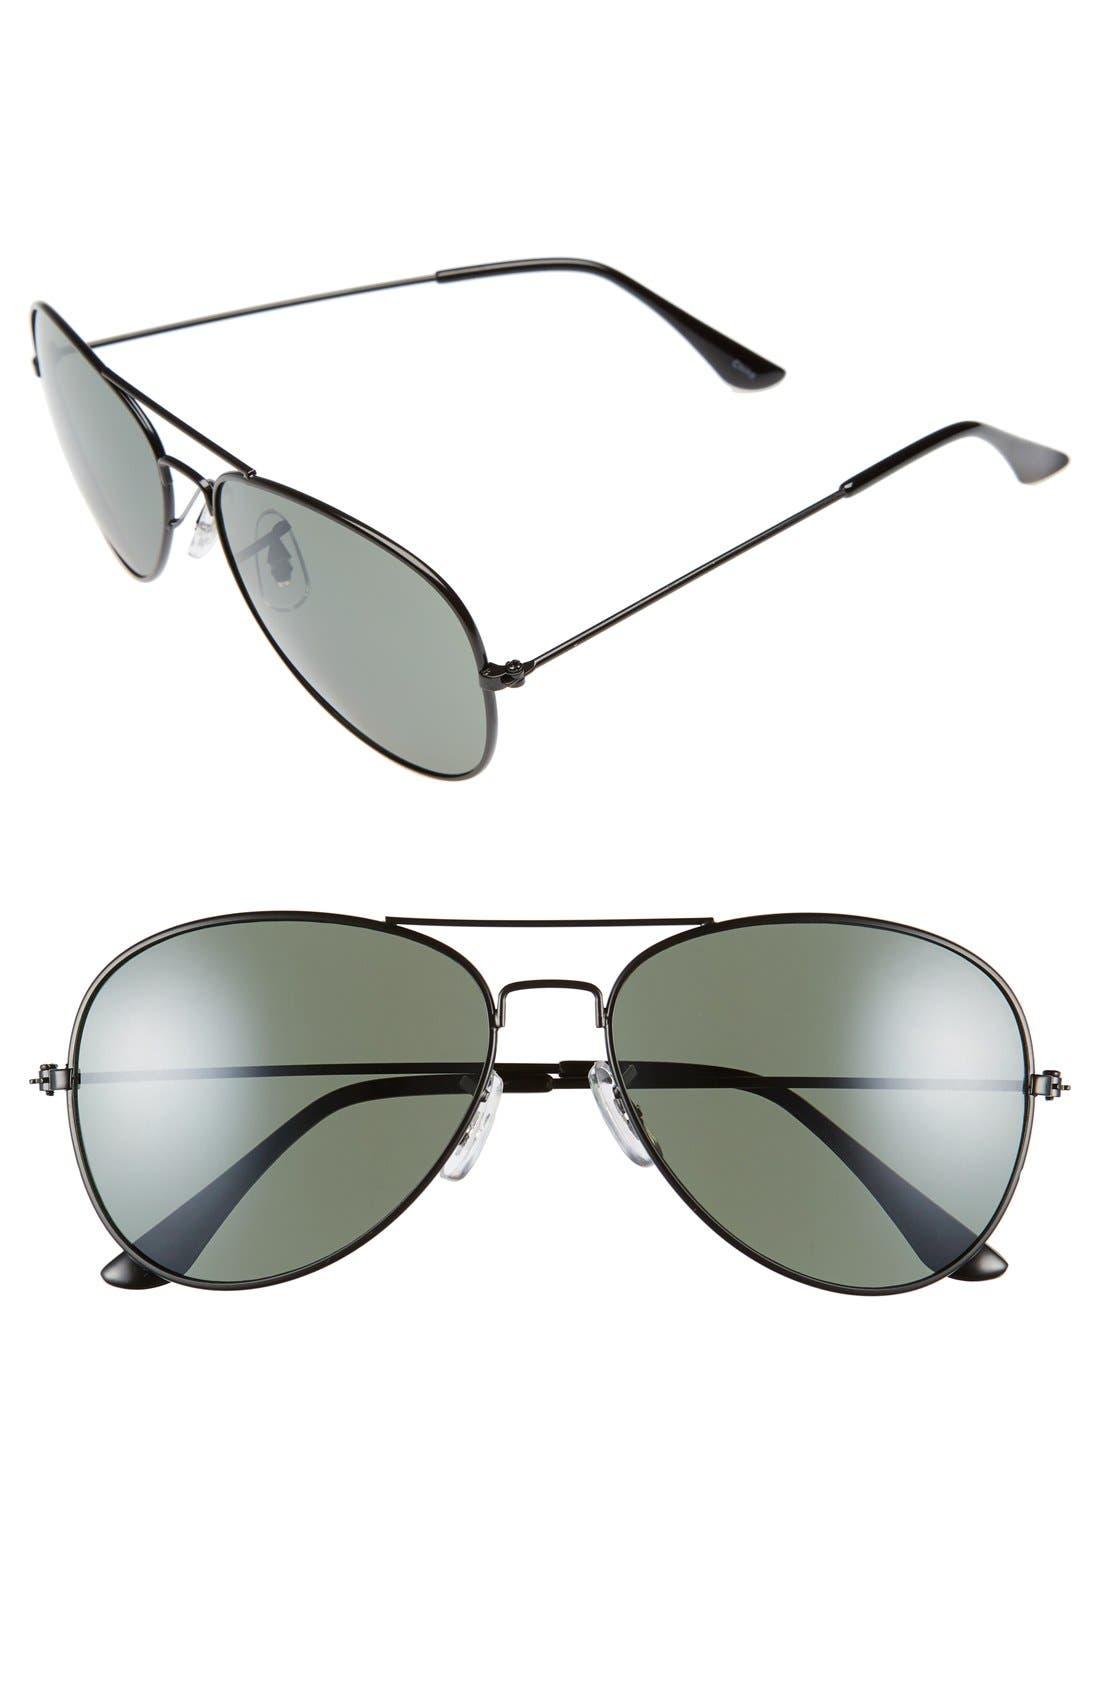 Main Image - BP. 45mm Matte Aviator Sunglasses